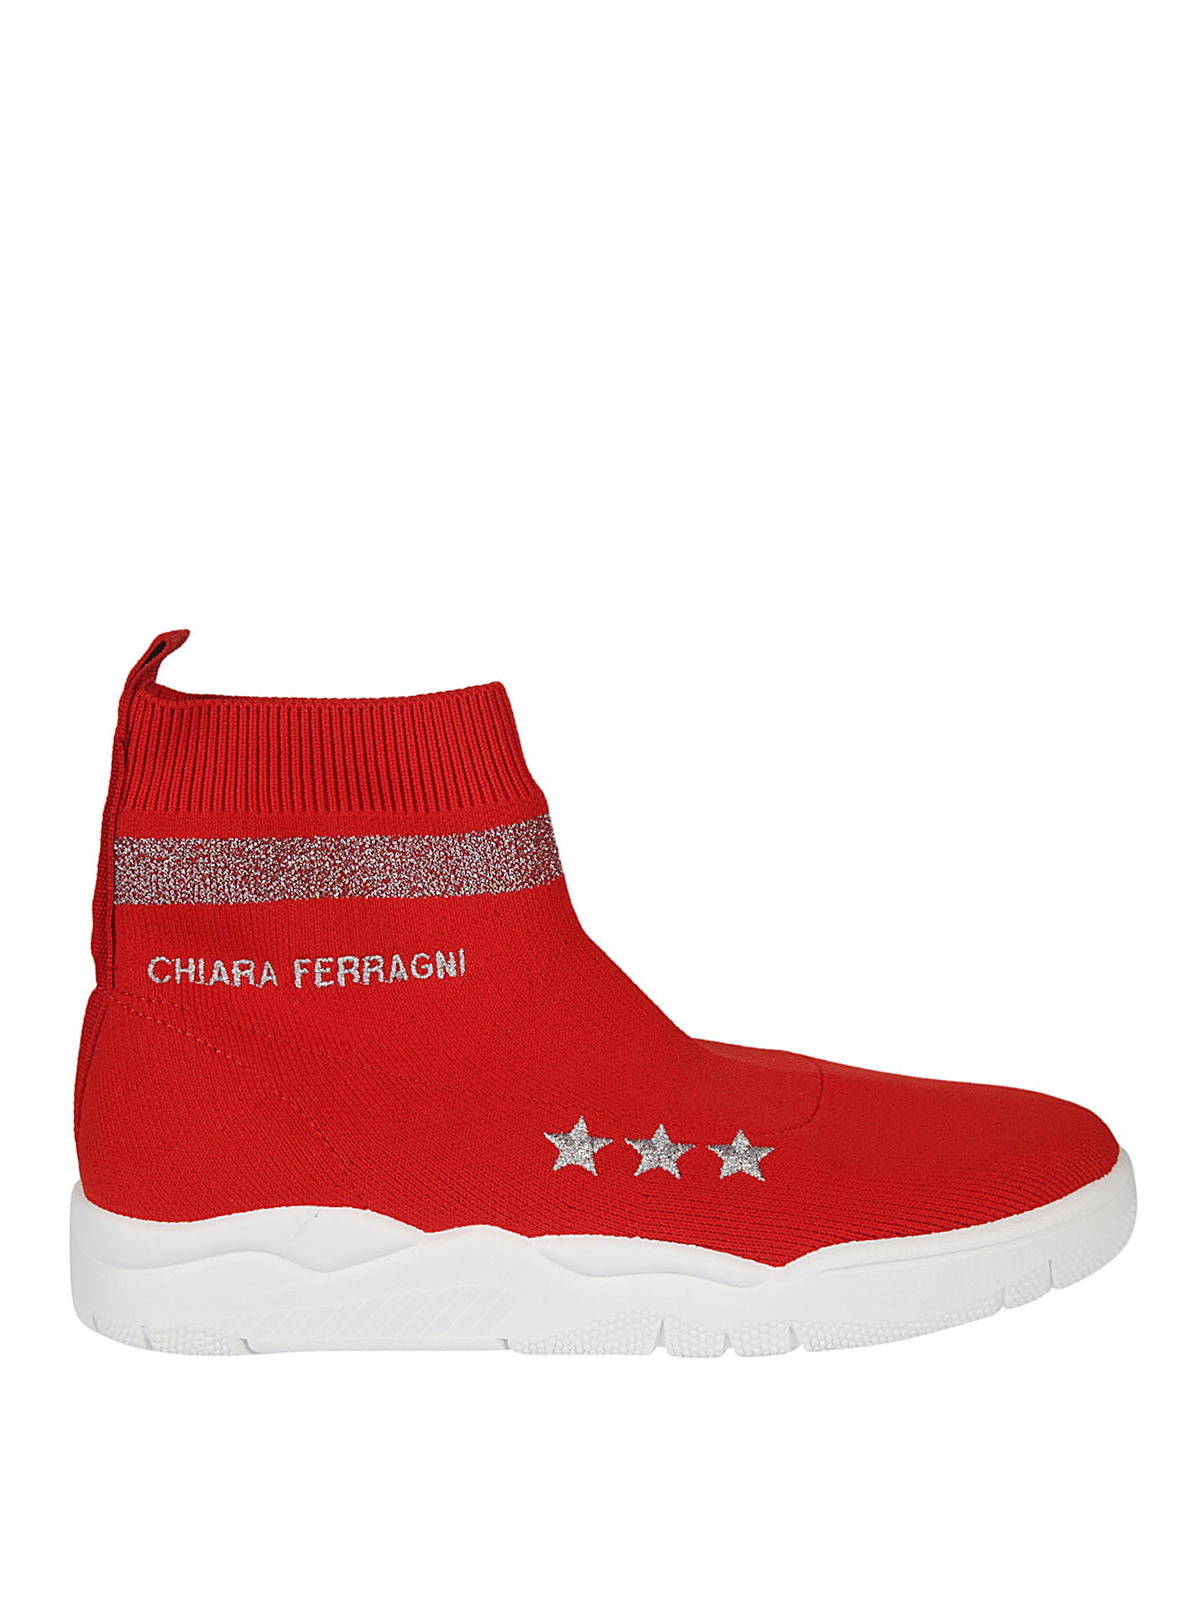 Chiara Ferragni Damenschuhe Damen Schuhe High Sneakers  Active In Red